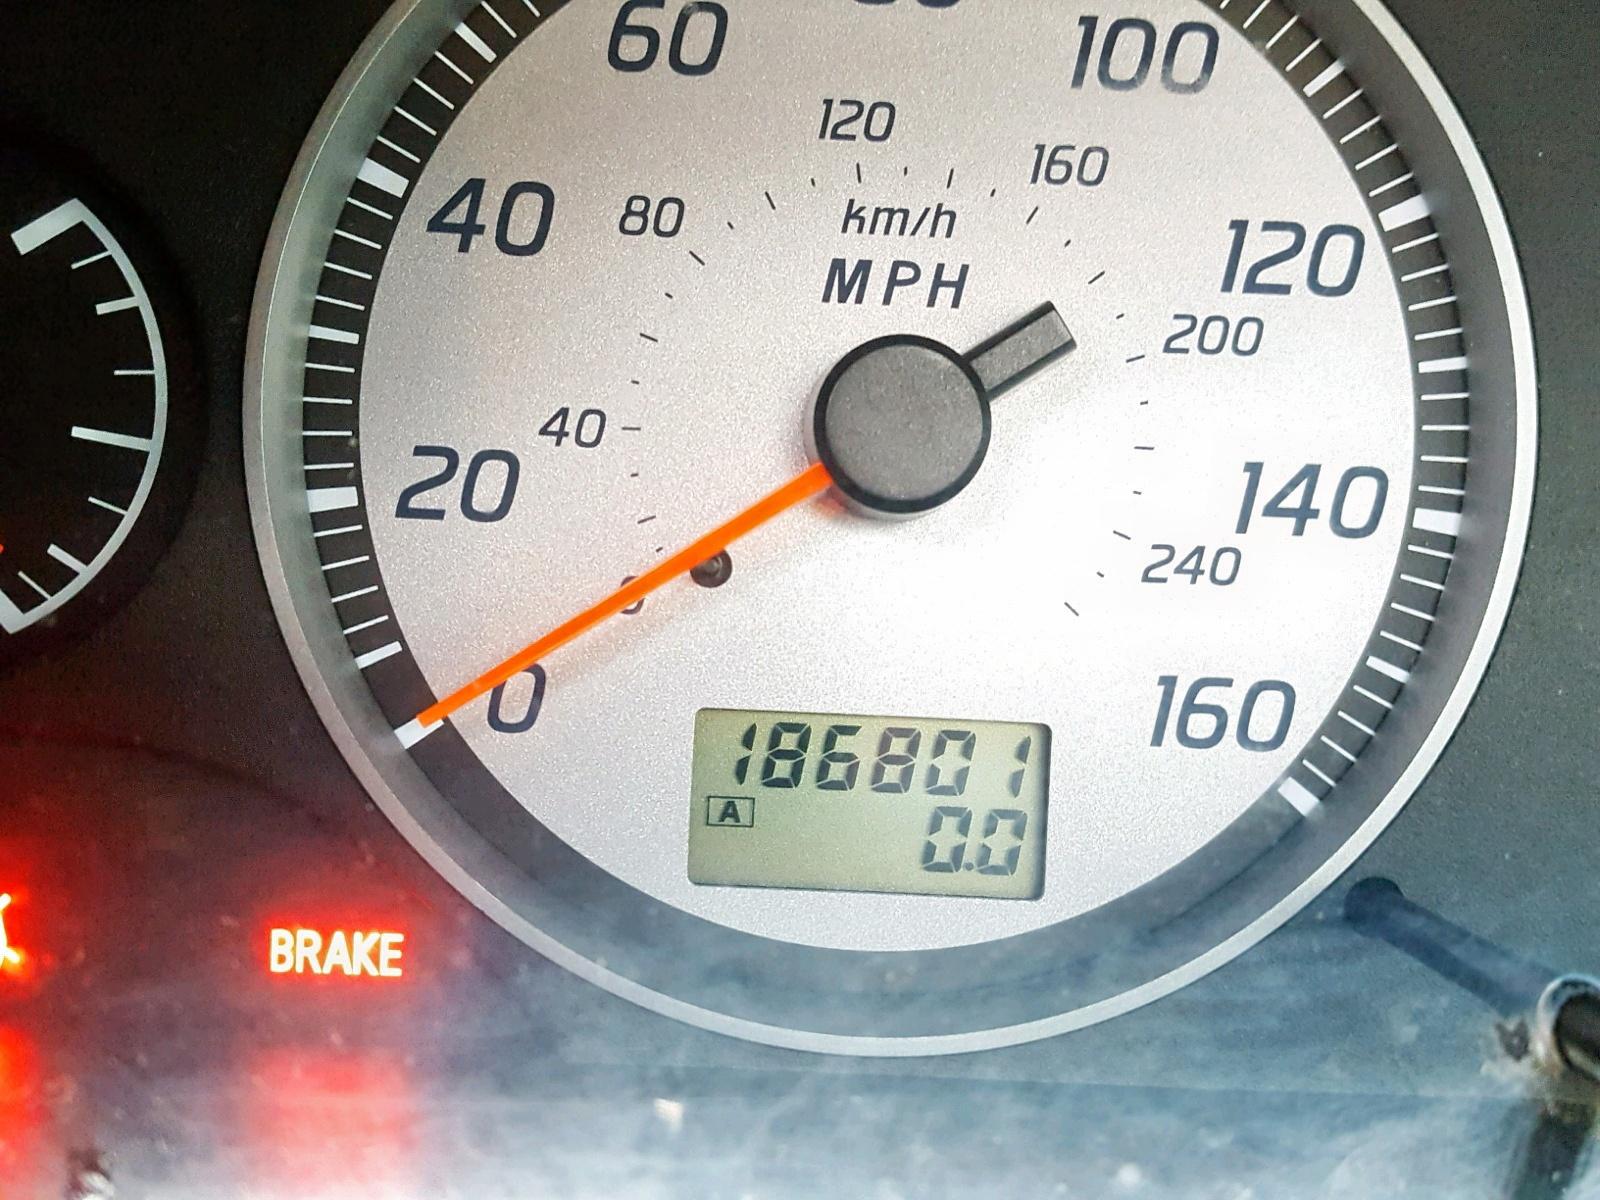 Jn1da31a72t313977 2002 Nissan Maxima Gle 3 5l Front View